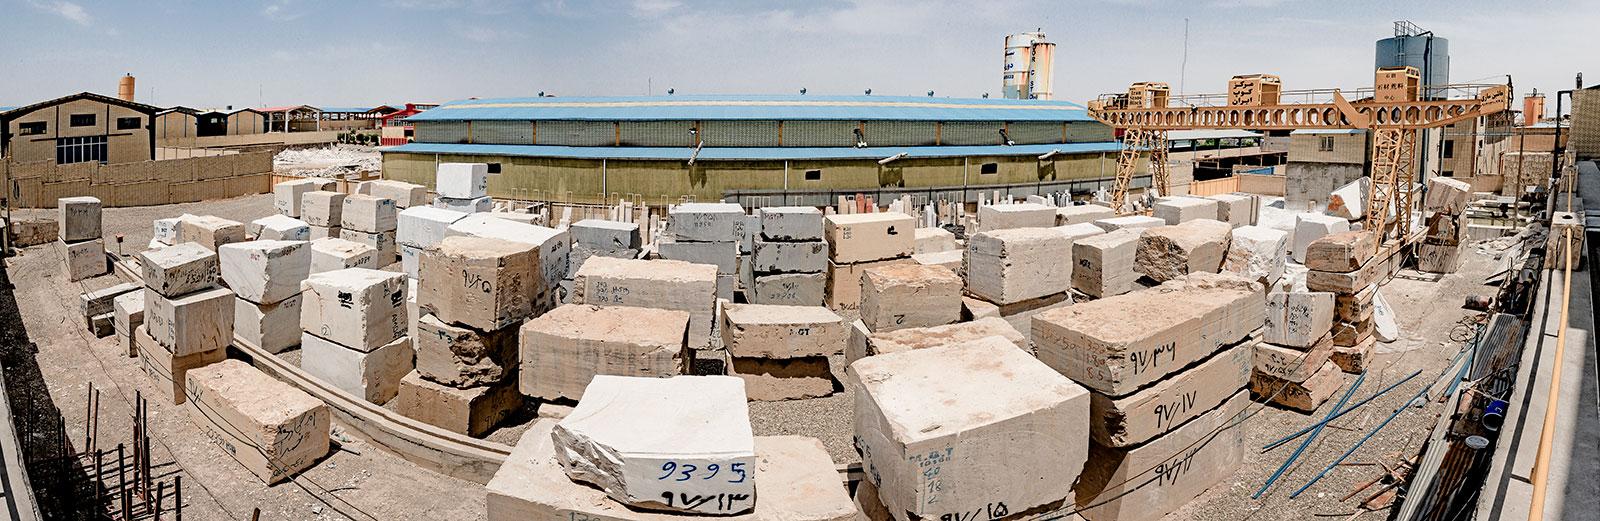 انبار بازار سنگ ایران